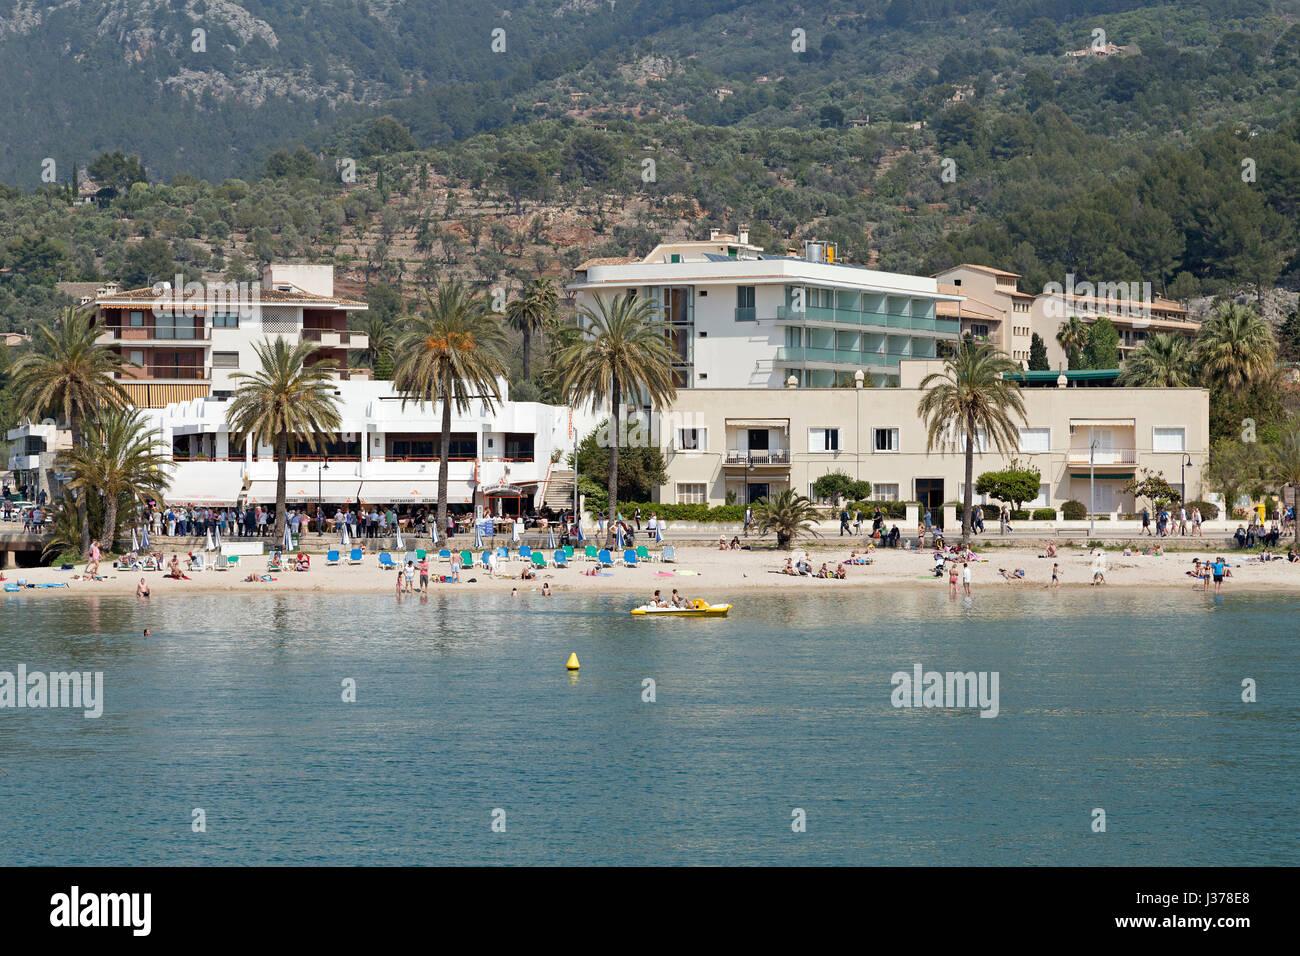 Spiaggia di Port de Sóller, Mallorca, Spagna Immagini Stock